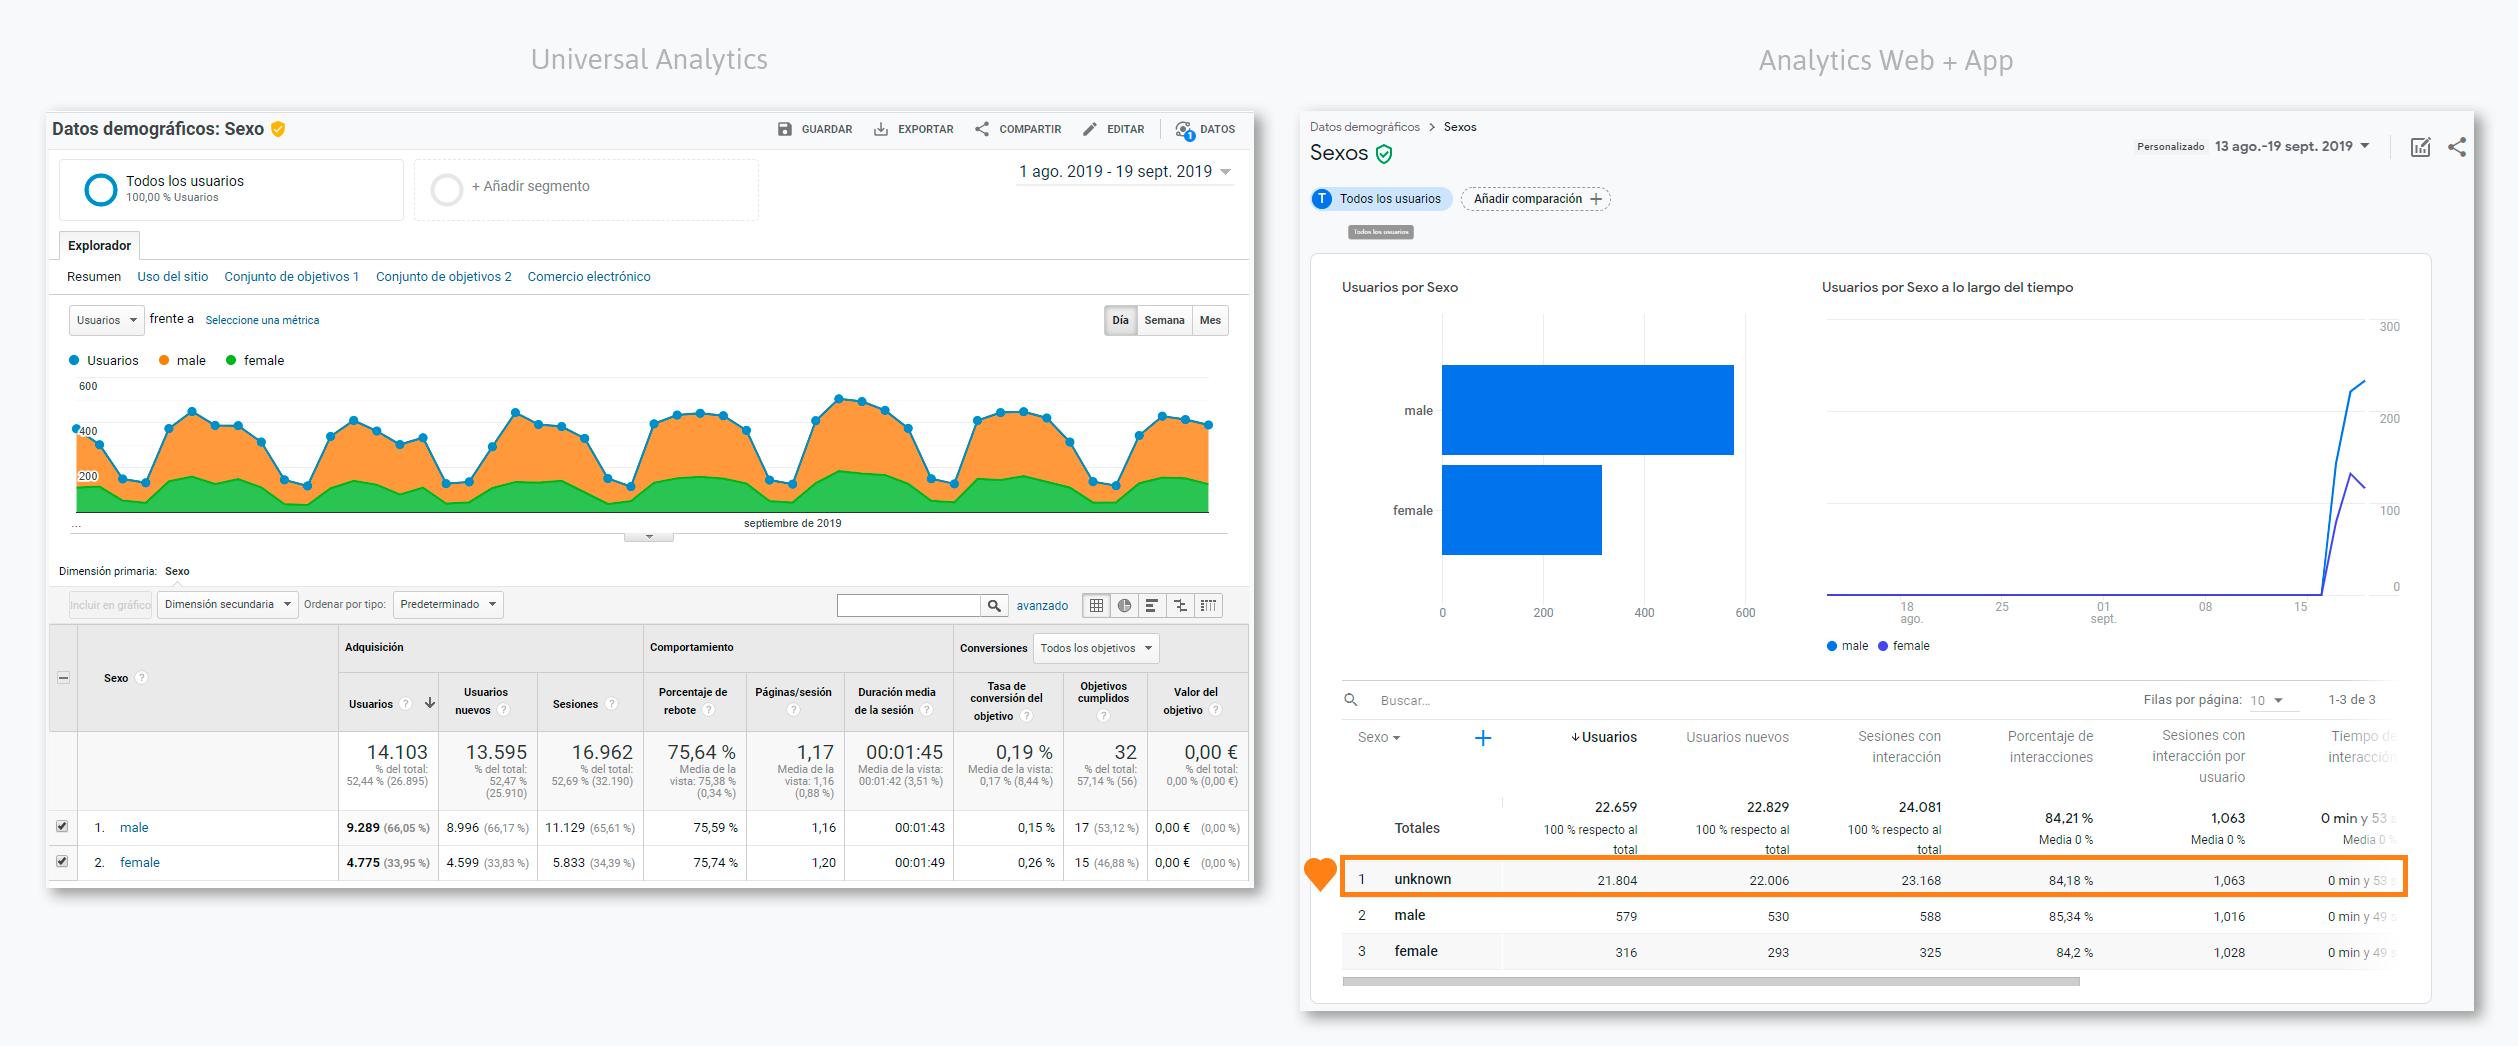 Datos demográficos de género en Universal Analytics y Analytics Web + App